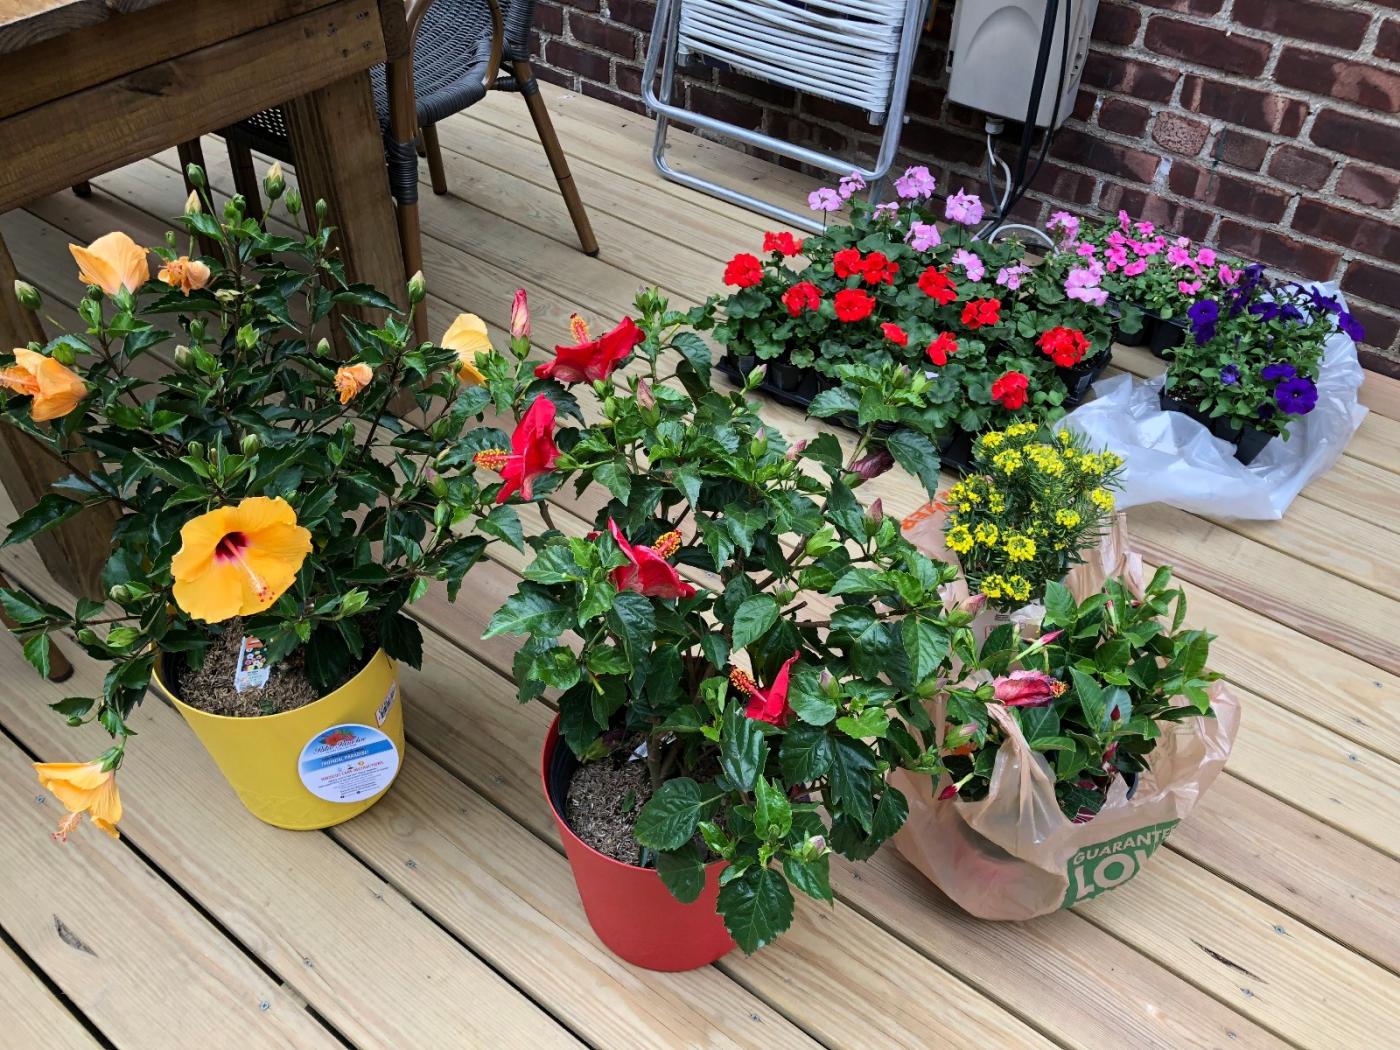 【田螺隨拍】分享去THE HOME DEPOT紅地鋪買花的經驗_圖1-15